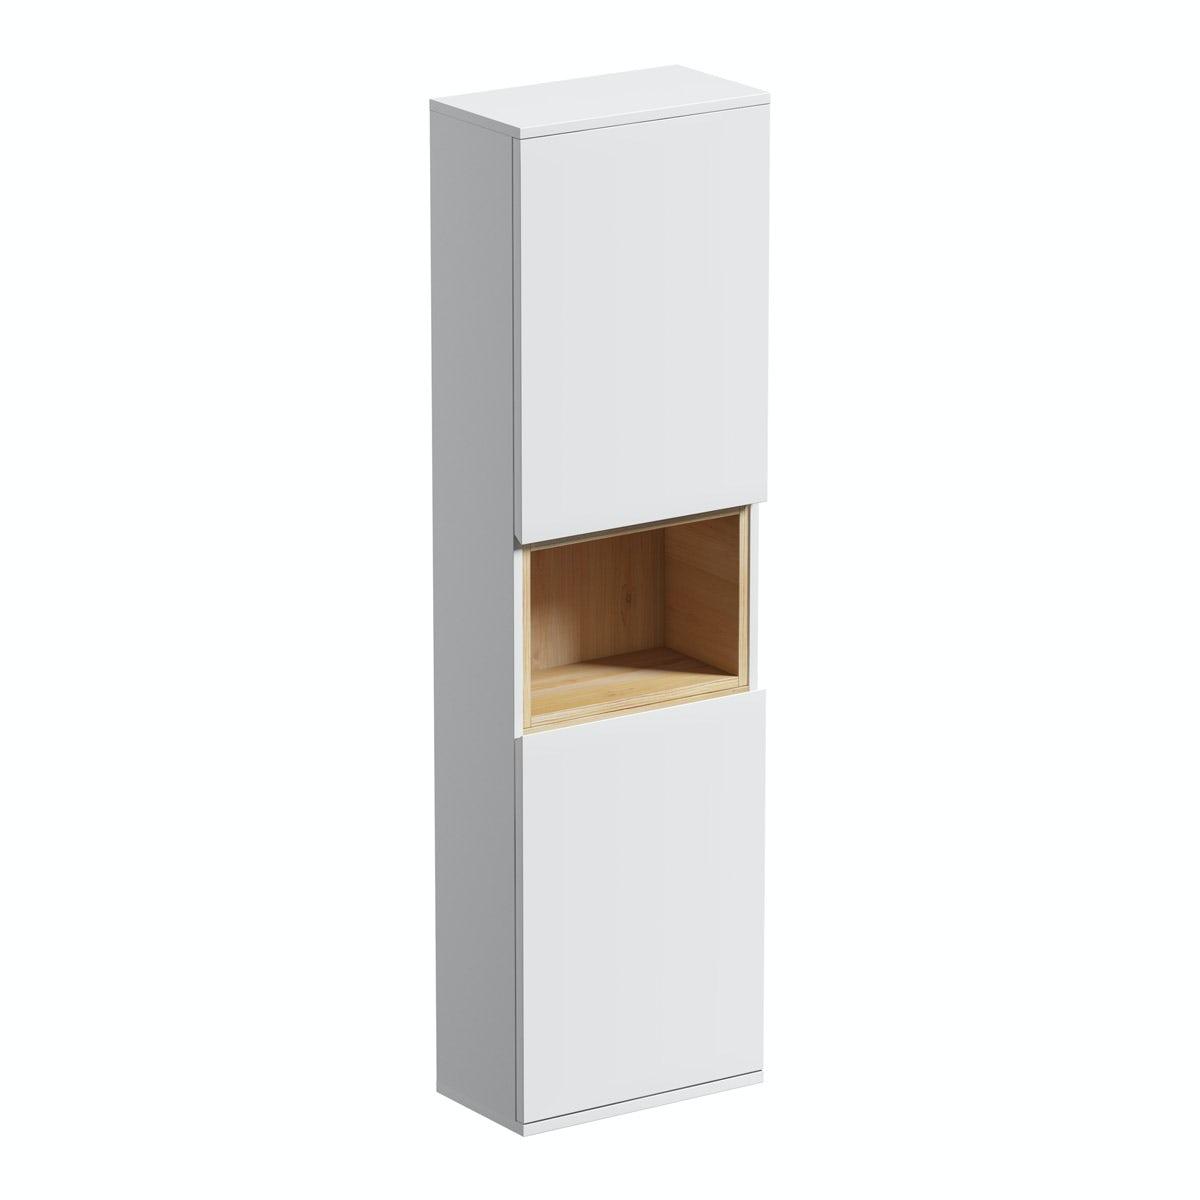 Mode Tate white & oak wall cabinet